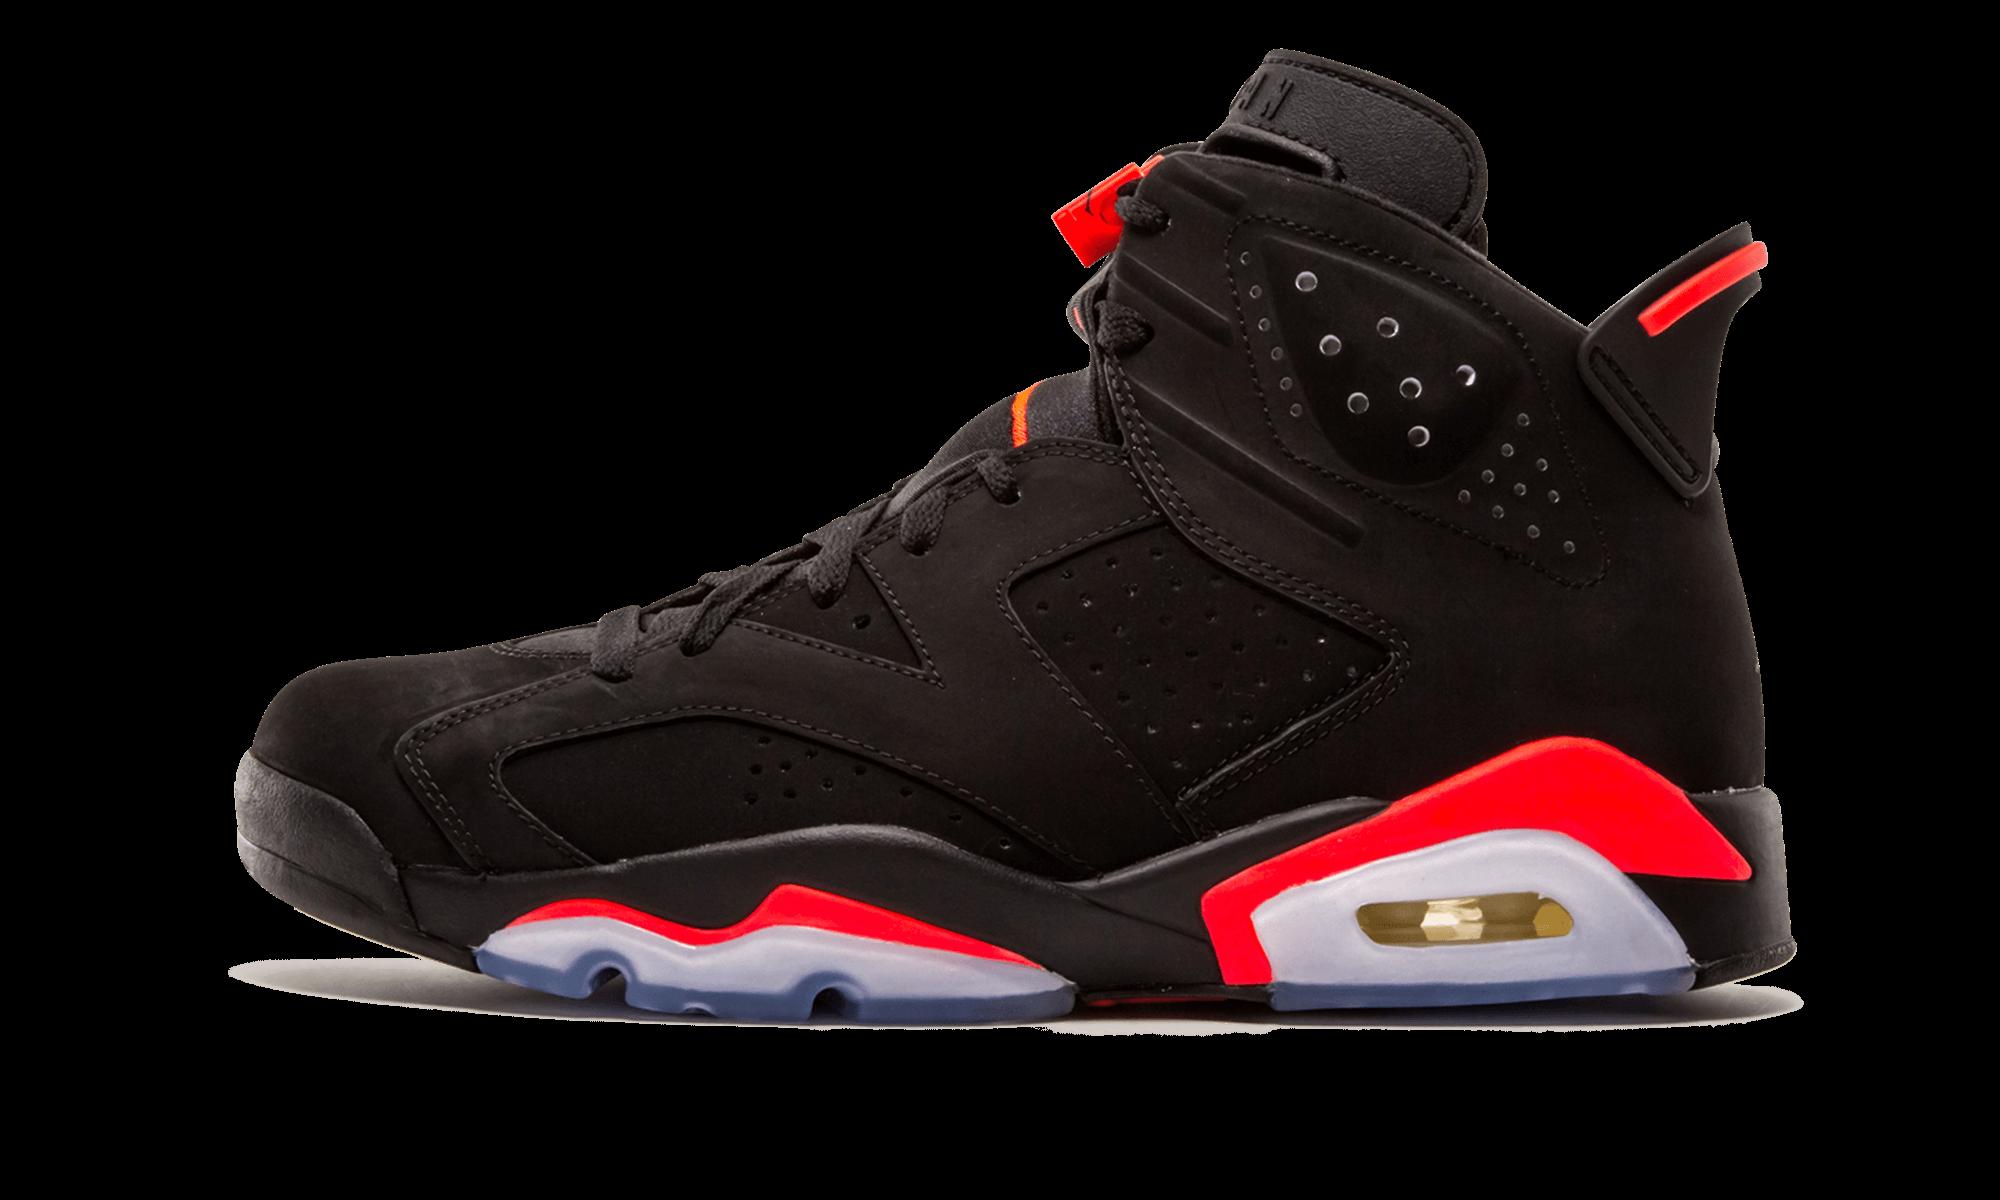 Air Jordan 6 Retro Infrared 384664 023 2014 In 2020 Air Jordans Retro Air Jordans Nike Air Jordan Retro